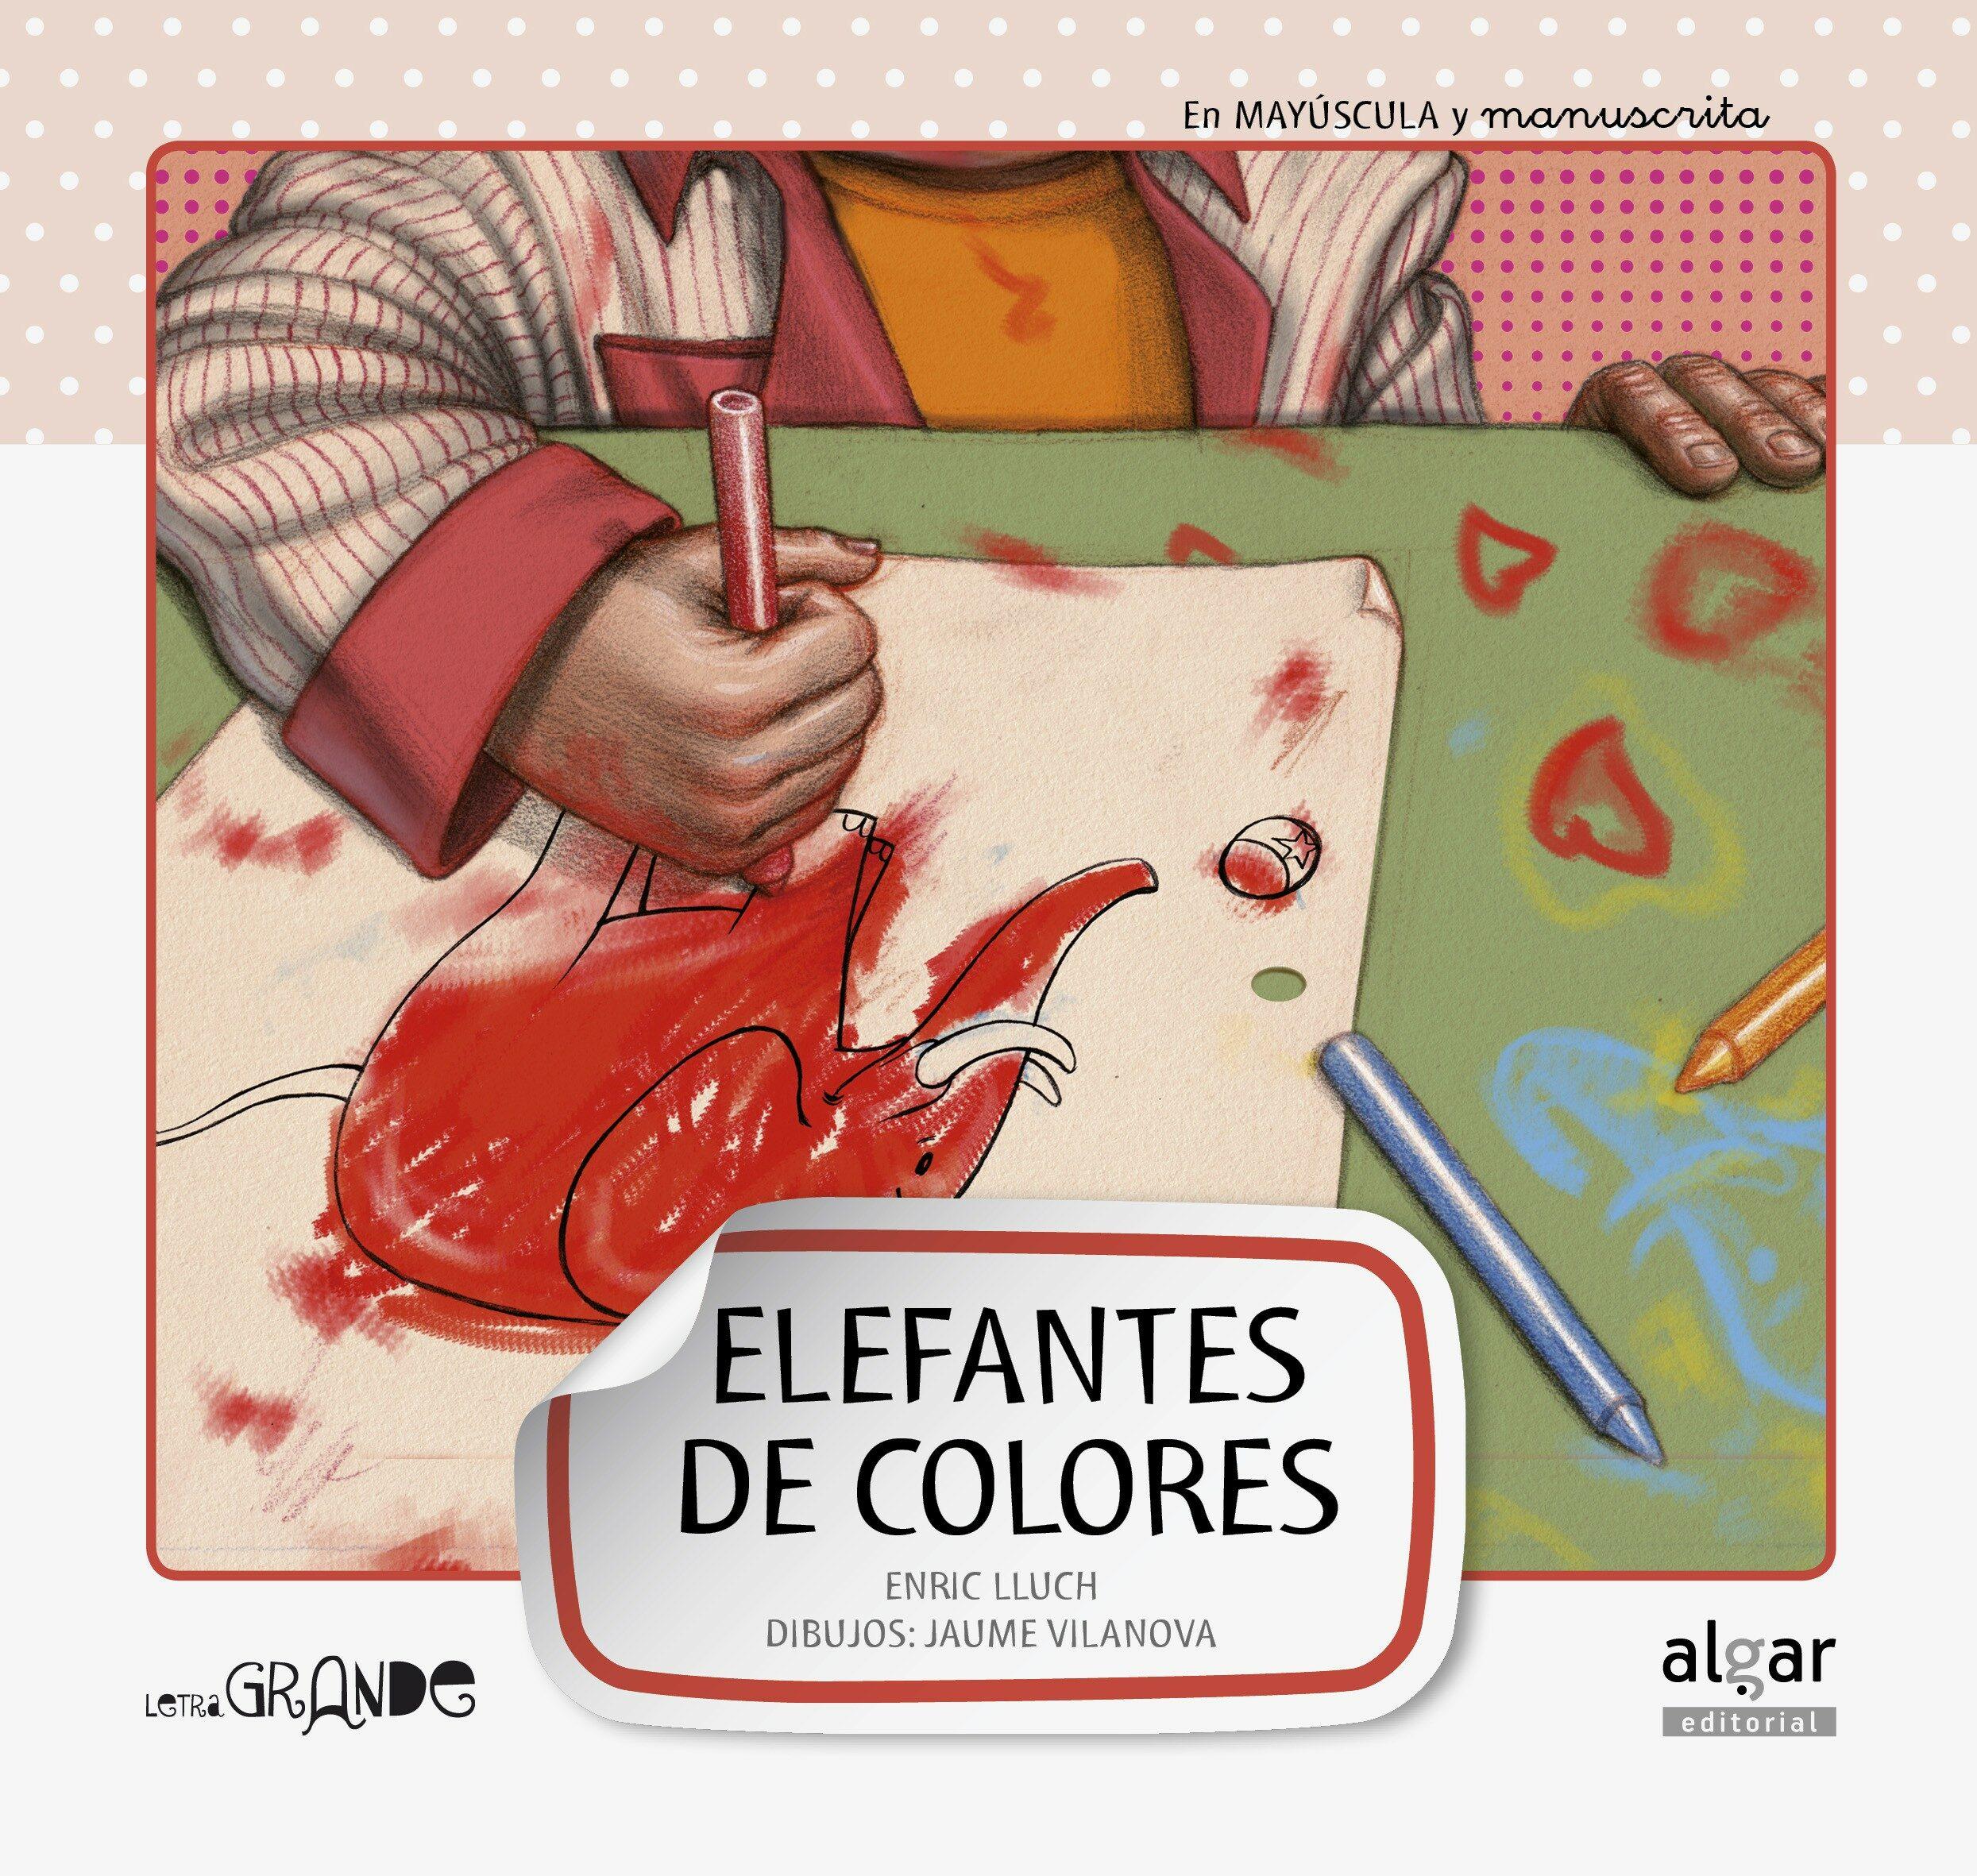 ELEFANTE DE COLORES (DOBLE TEXTO) (LETRA GRANDE 6) | ENRIC LLUCH ...